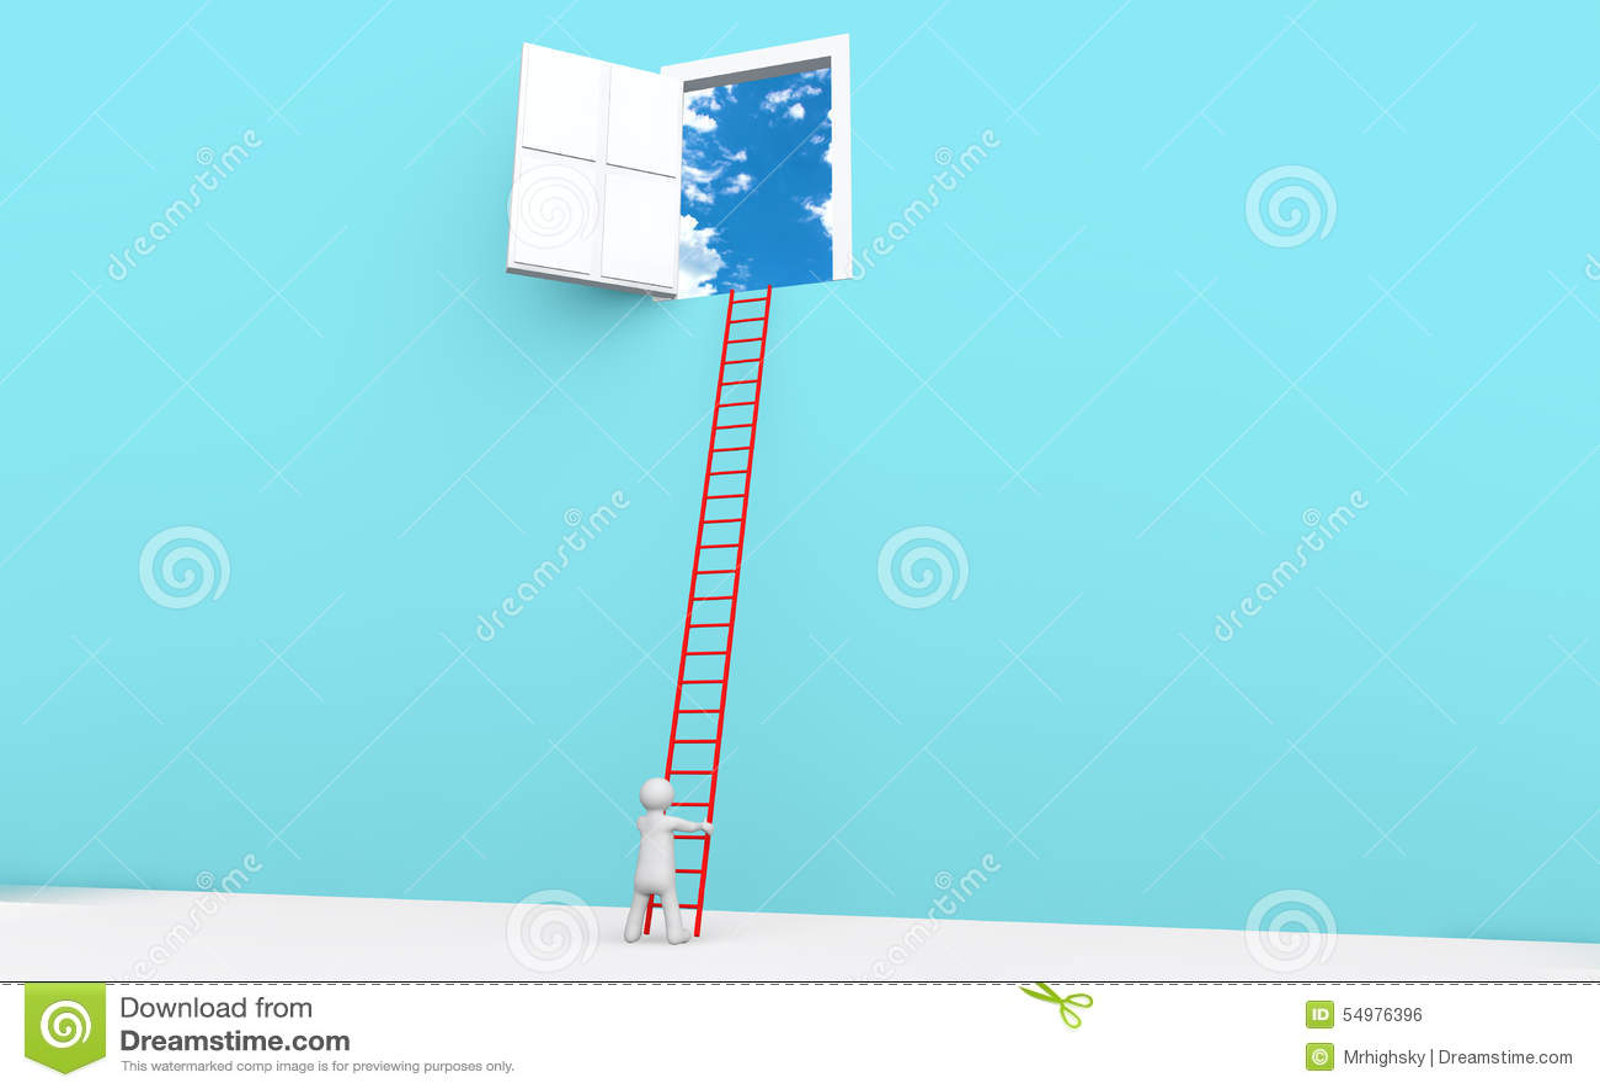 Mann 3d mit Leiter zu einer Tür im Himmel